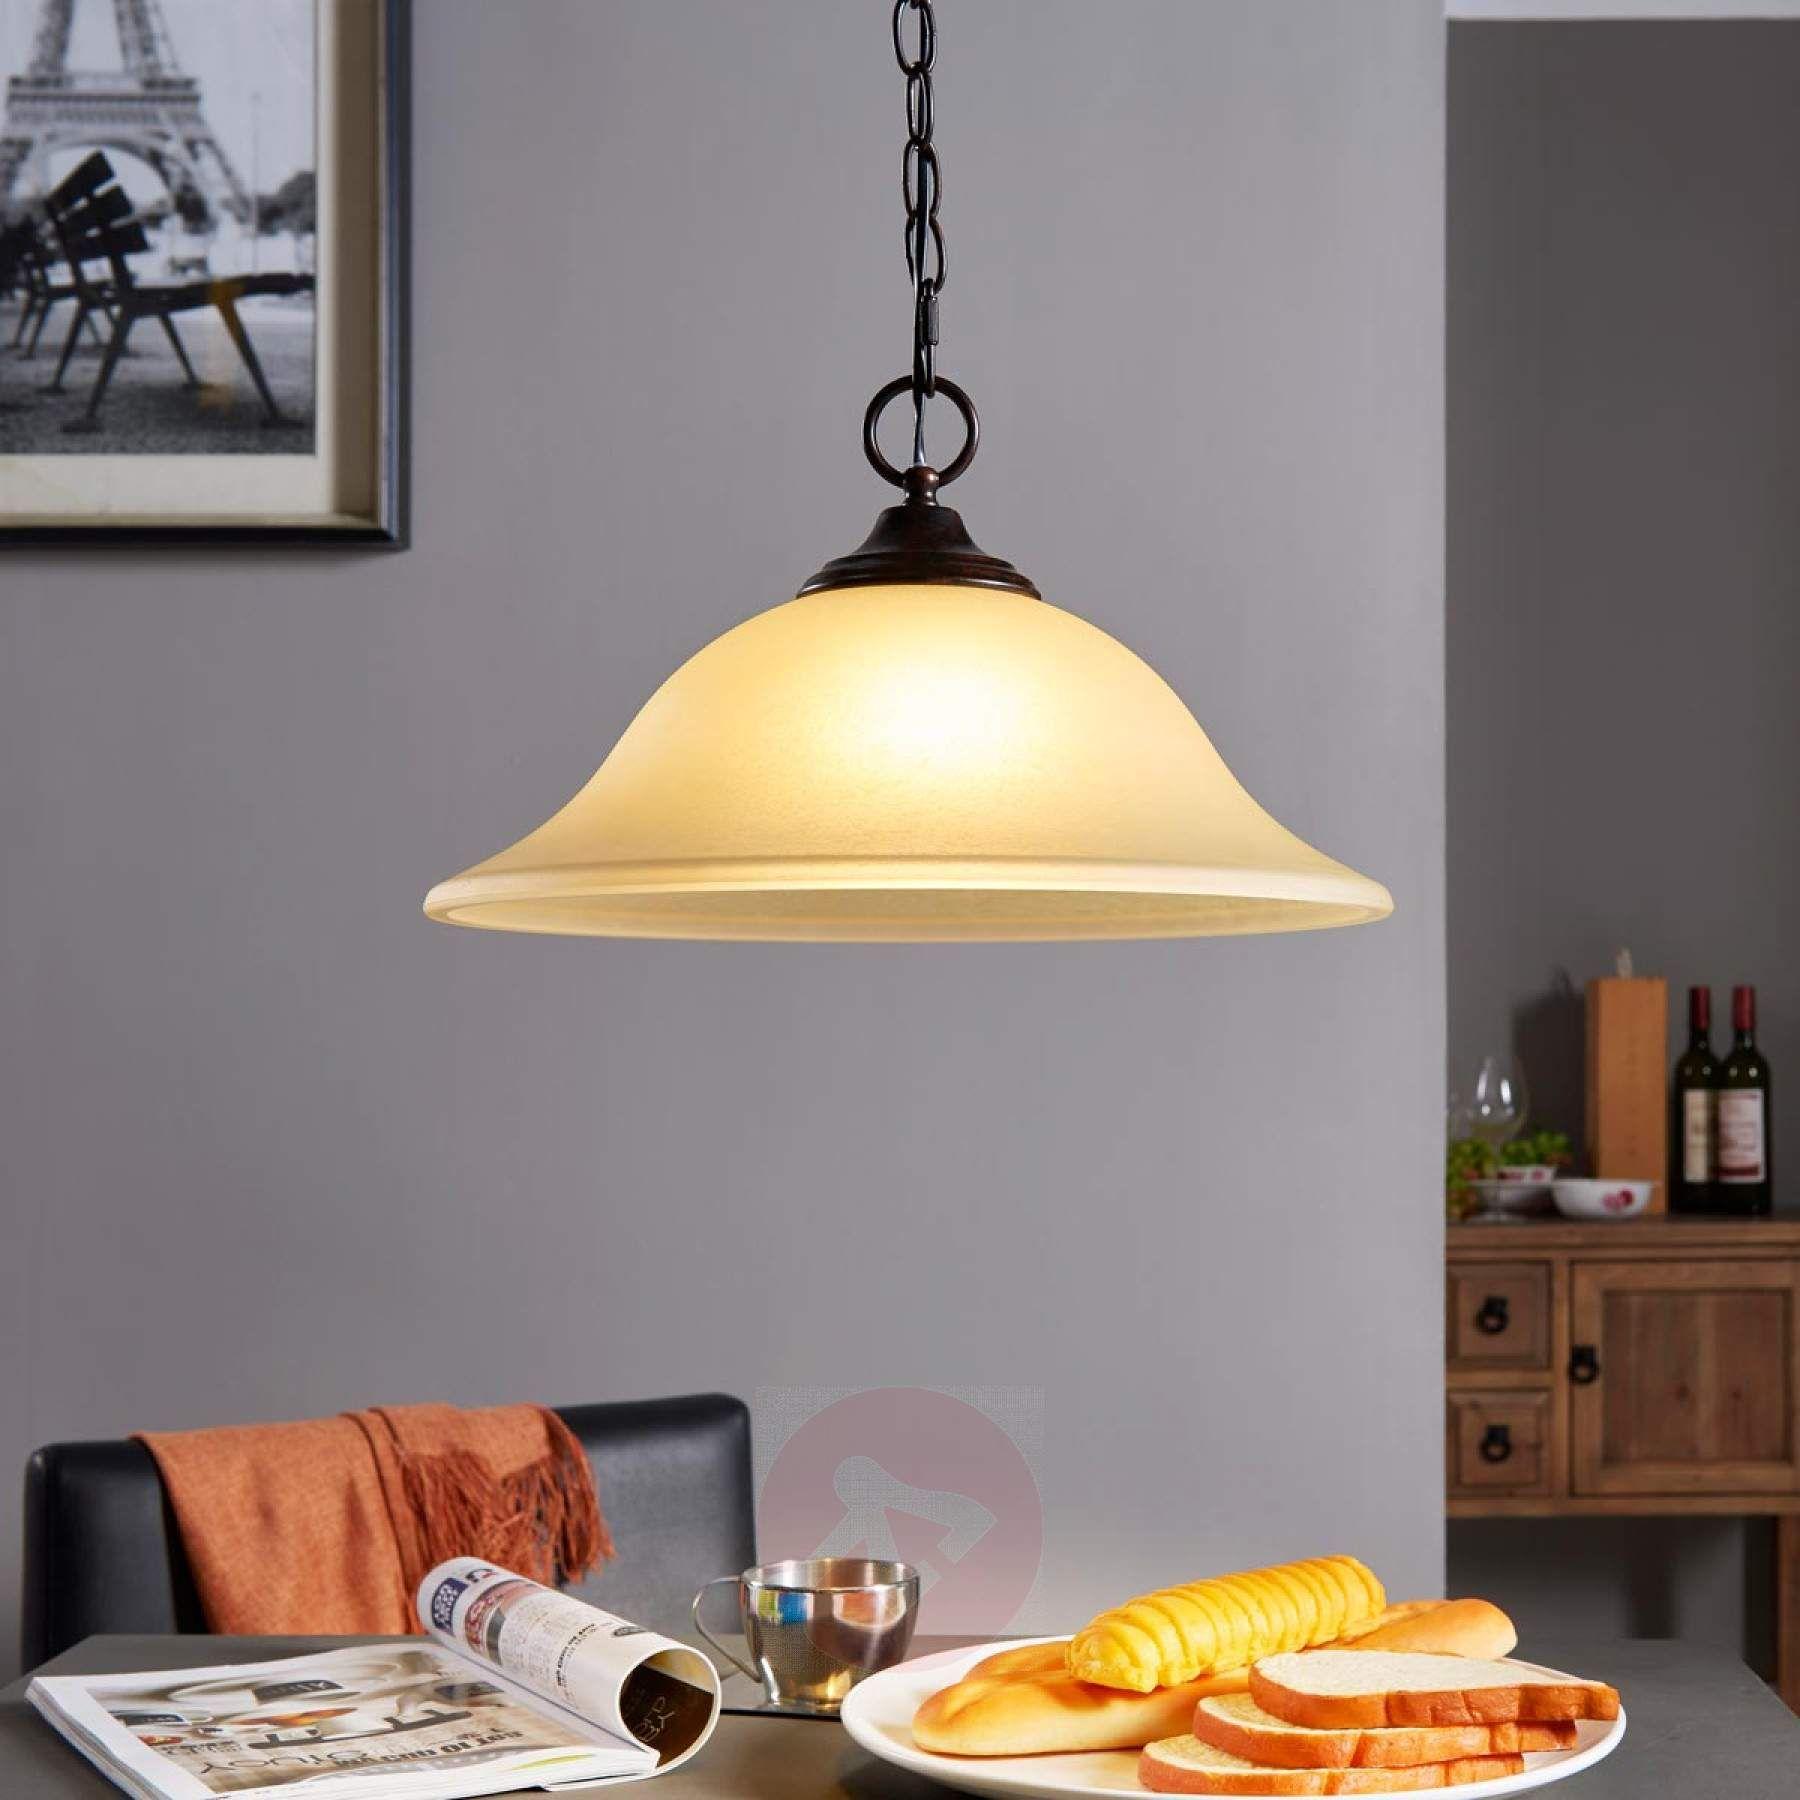 led pendelleuchte svera mit schirm aus scavoglas f r eine behagliche beleuchtung nicht nur des. Black Bedroom Furniture Sets. Home Design Ideas